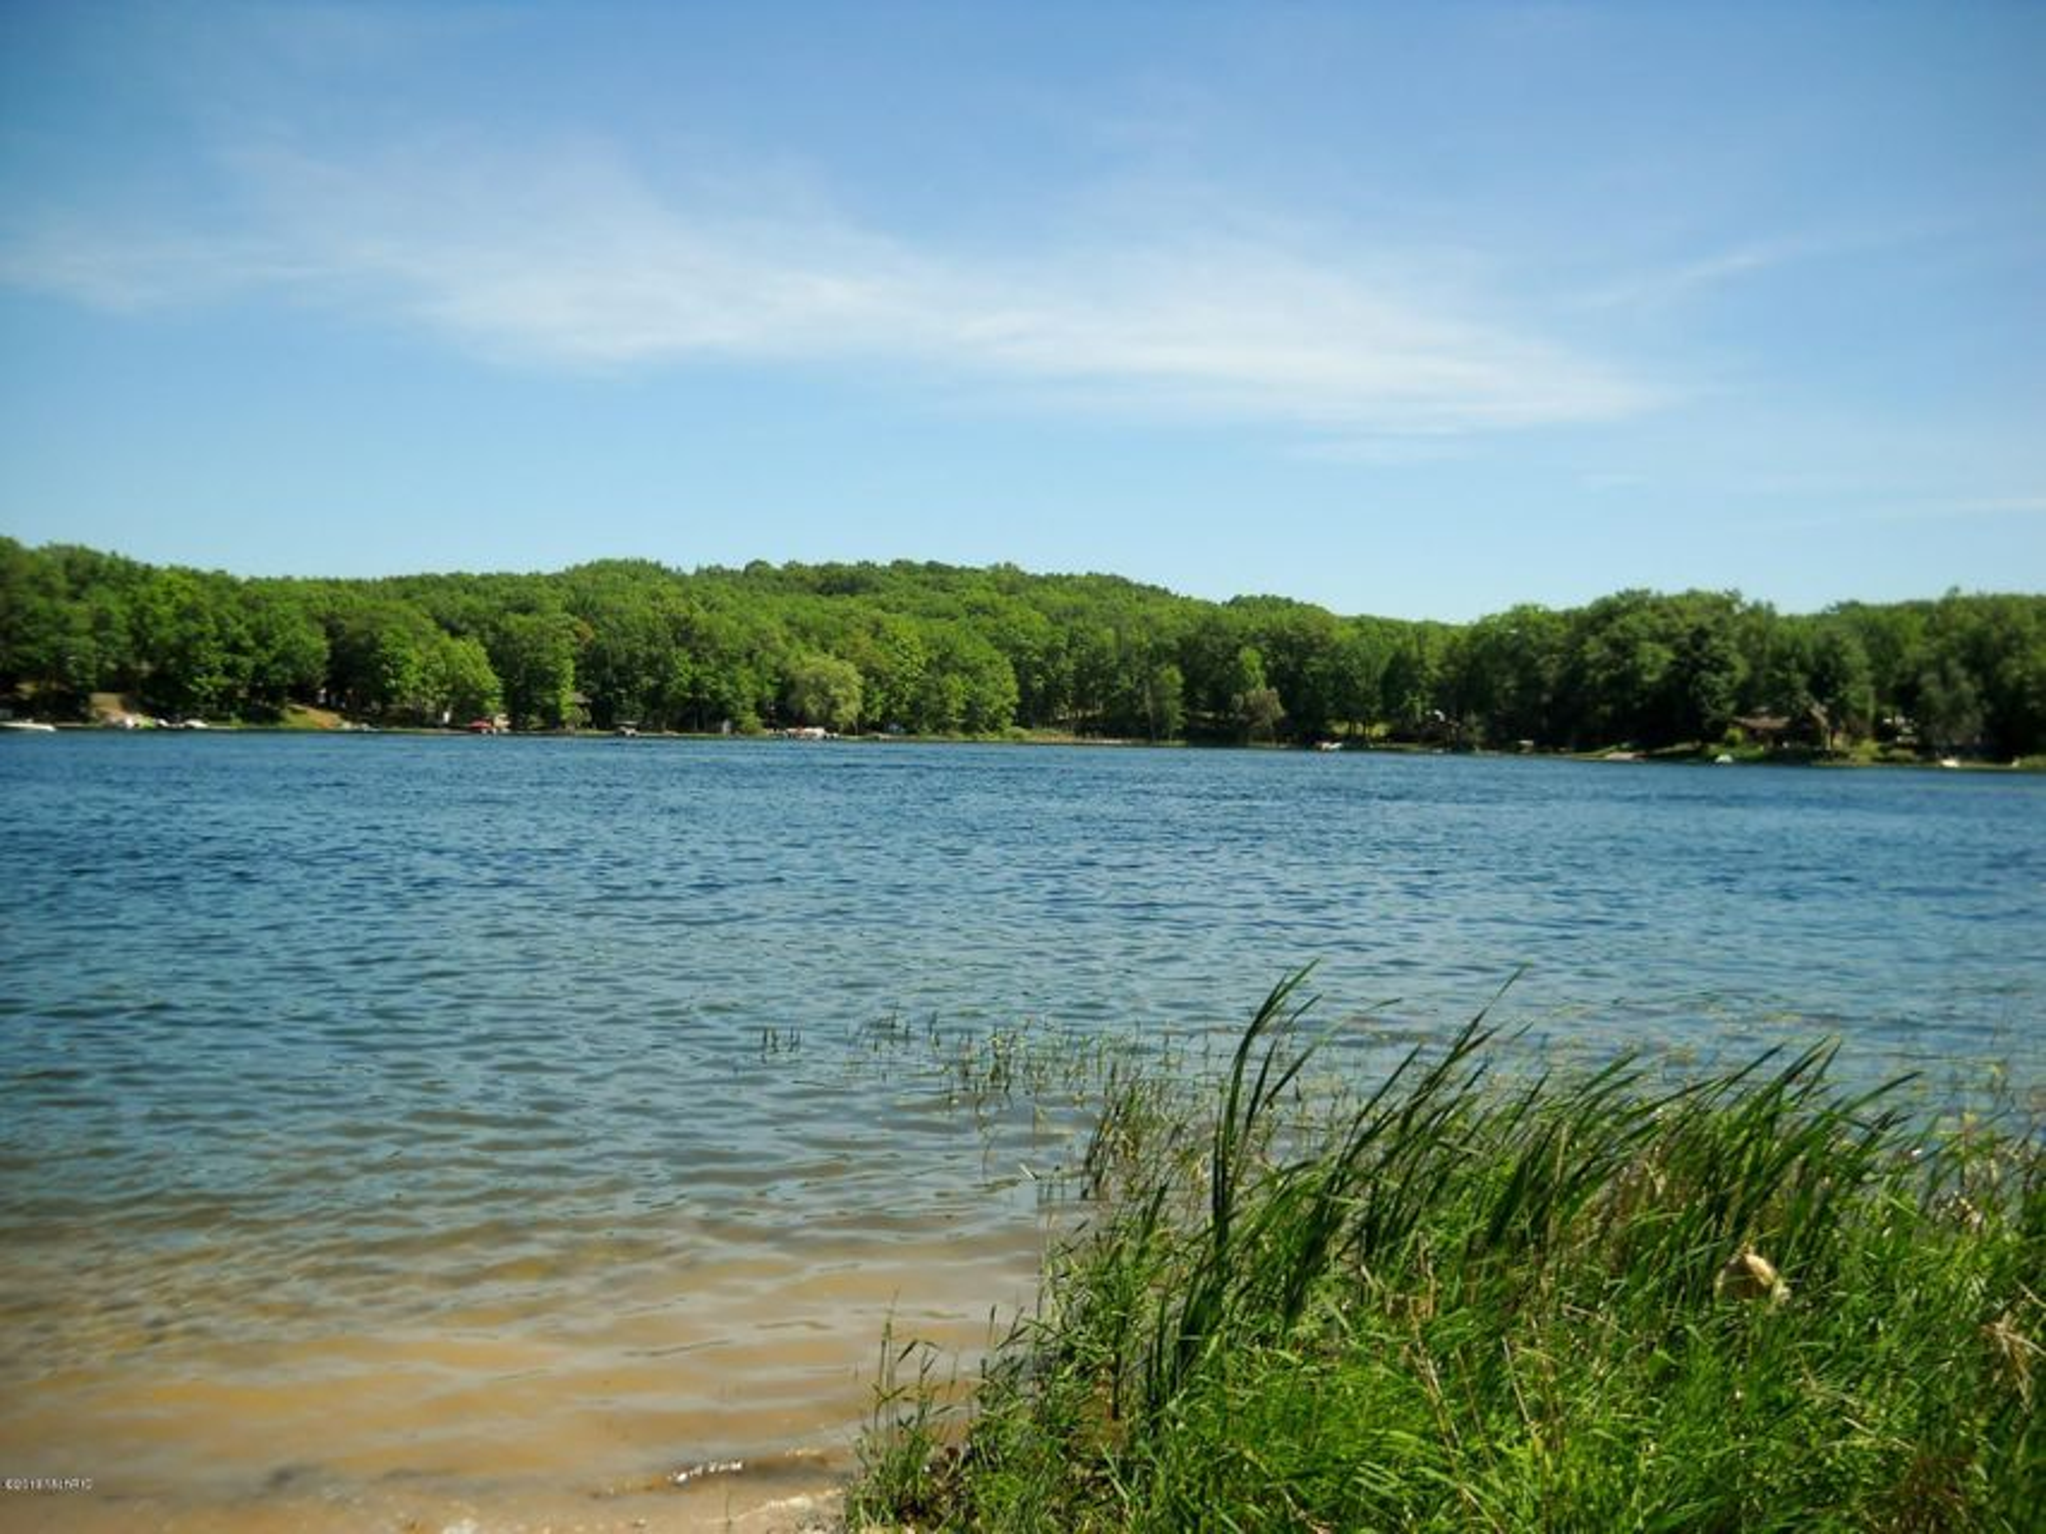 Township park on Pettibone Lake